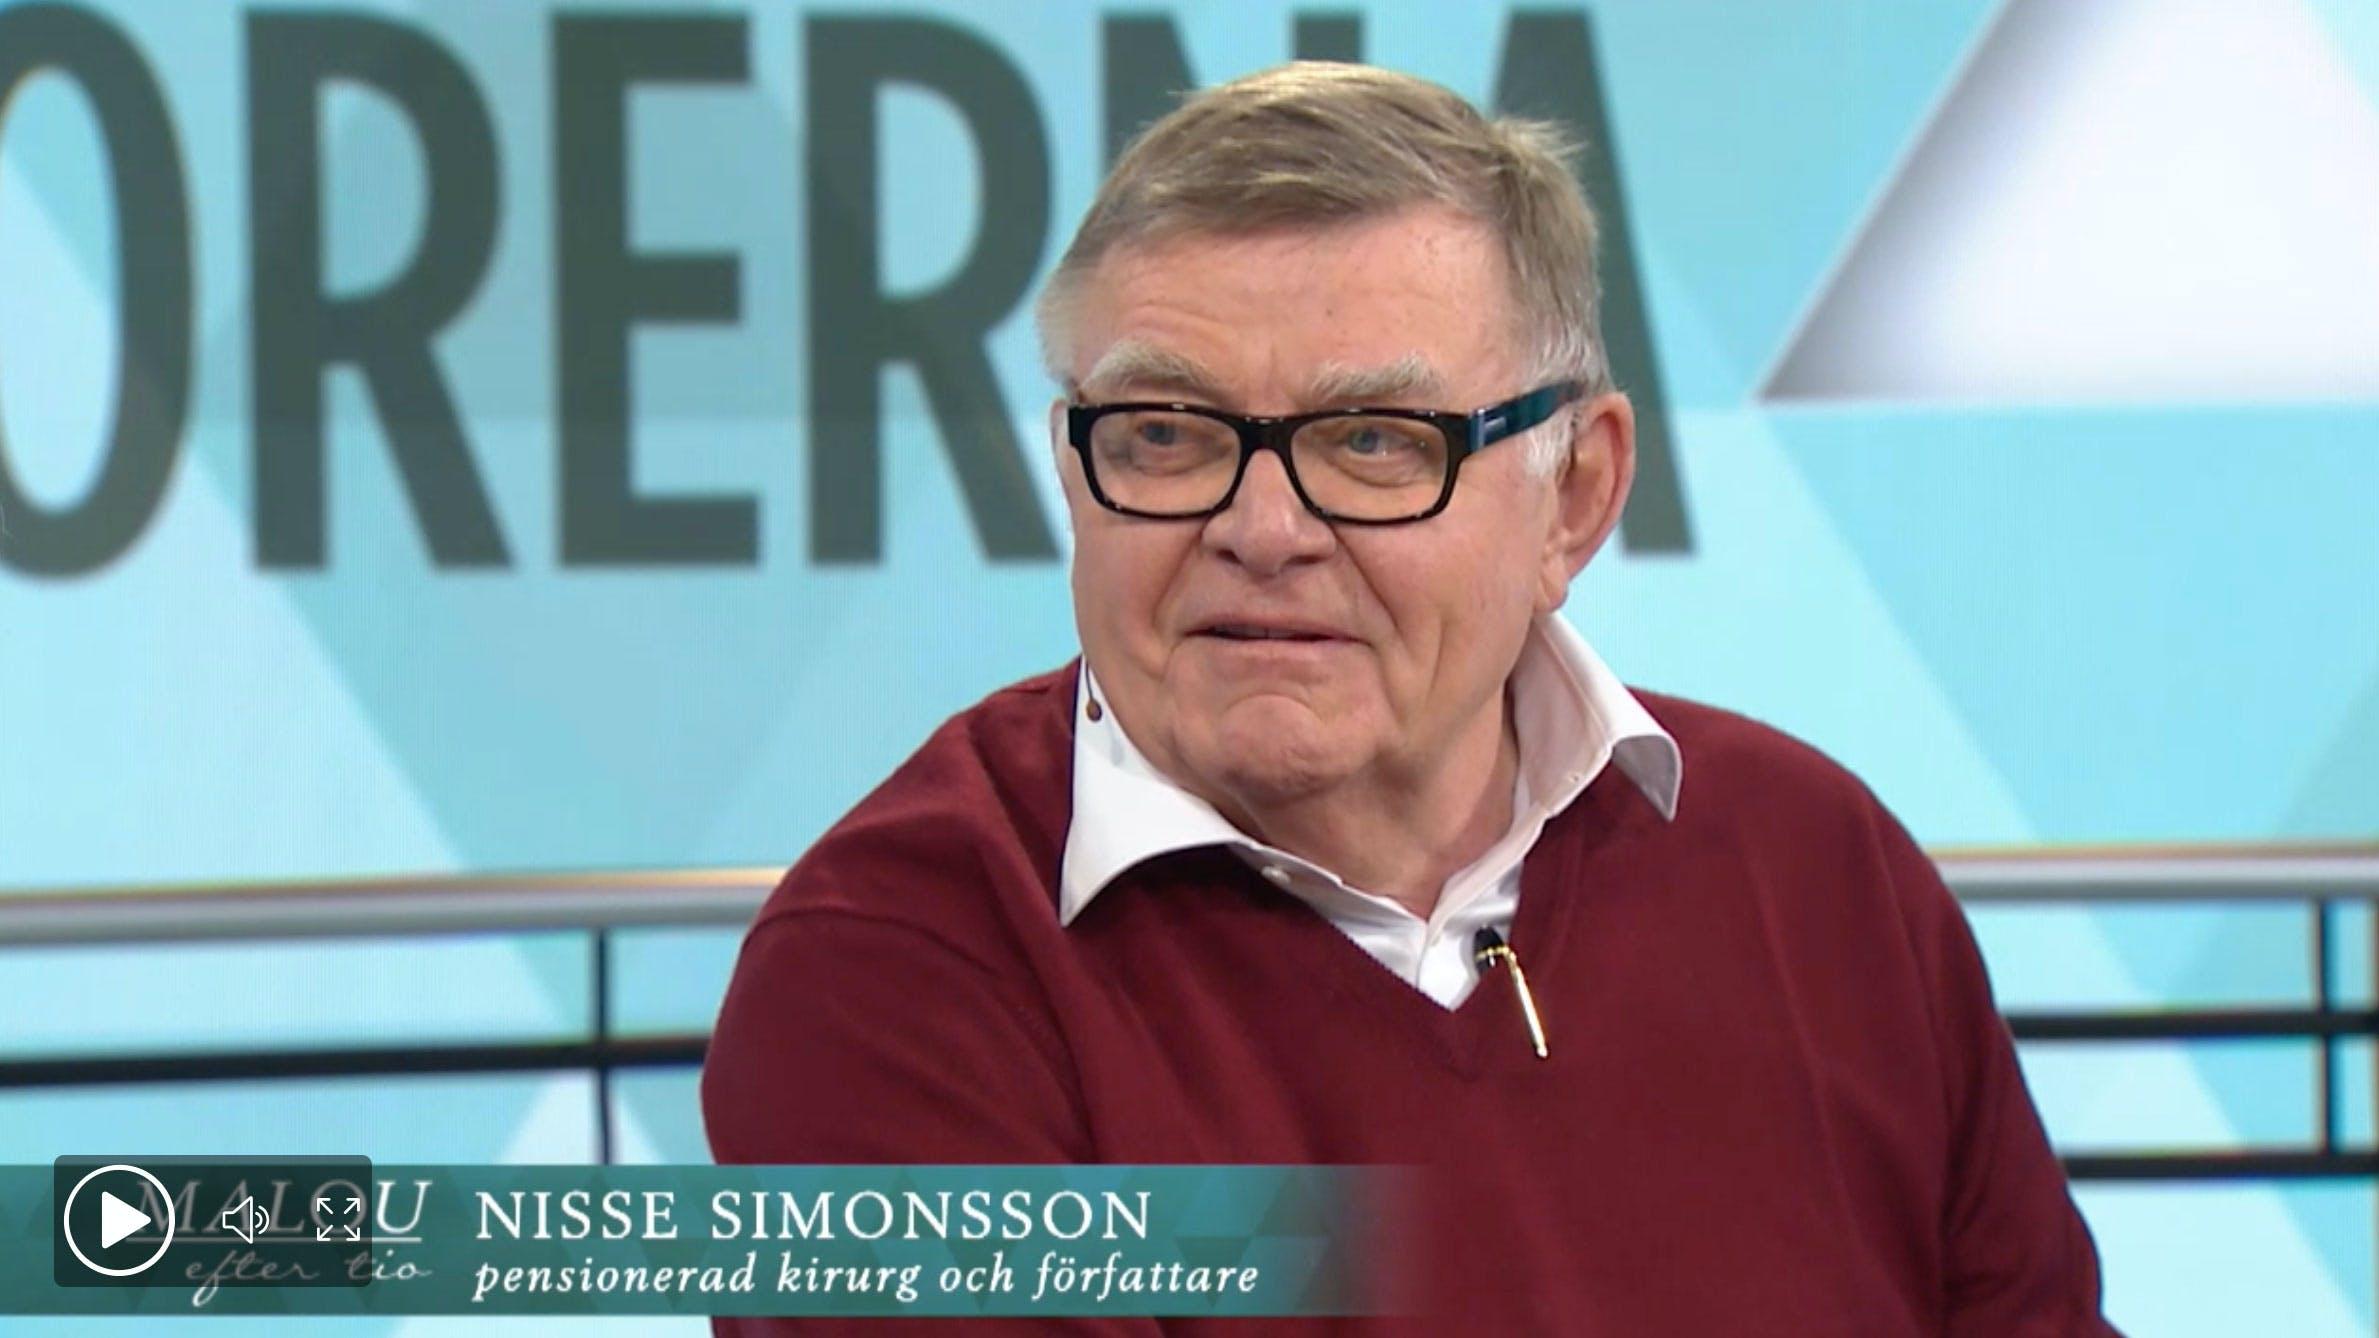 Nisse Simonsson: Så minskar du inflammationer